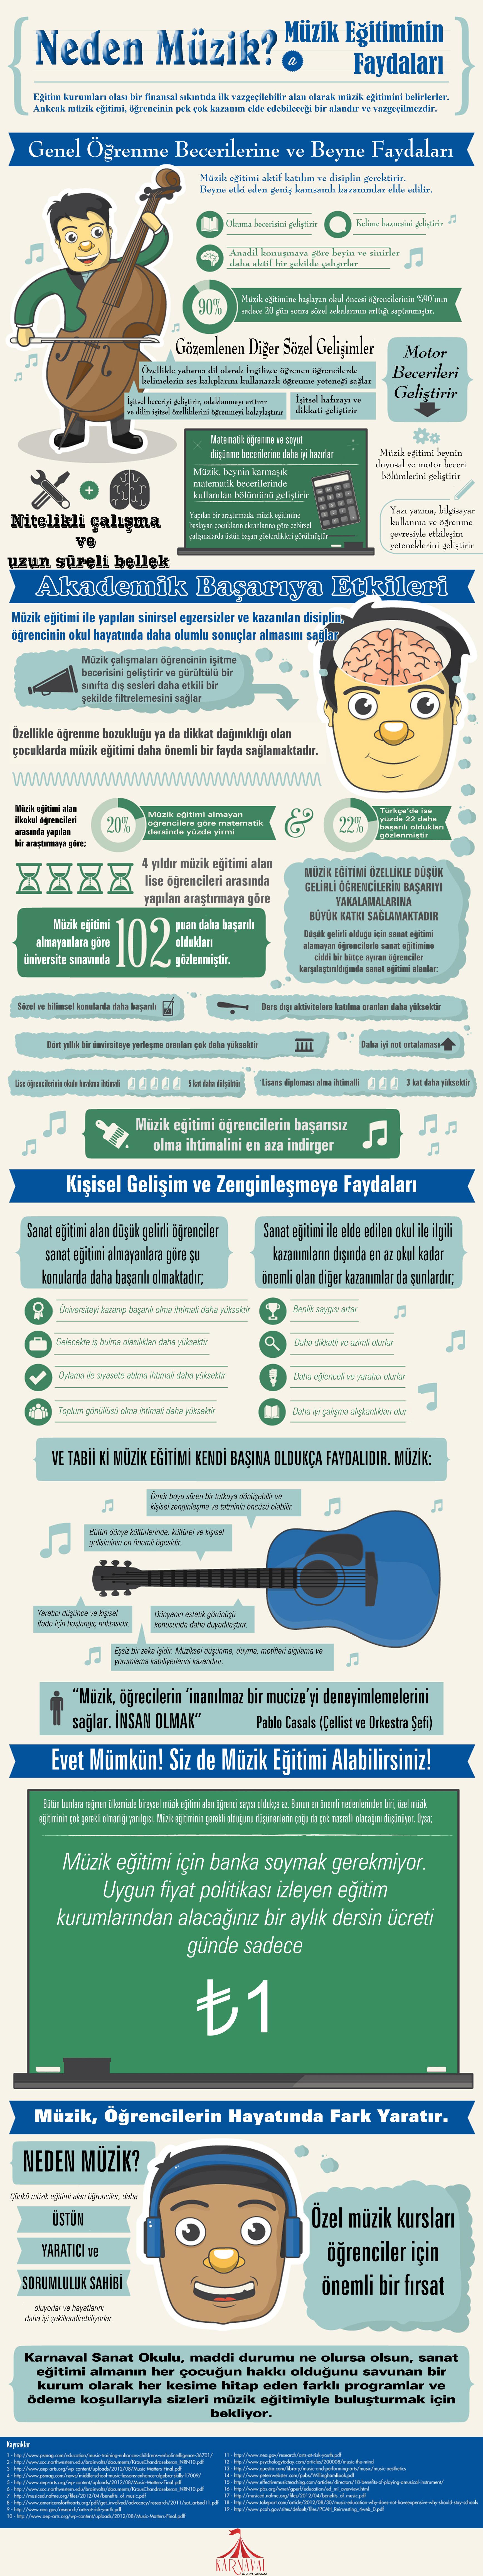 Neden Müzik? Müzik eğitiminin faydaları